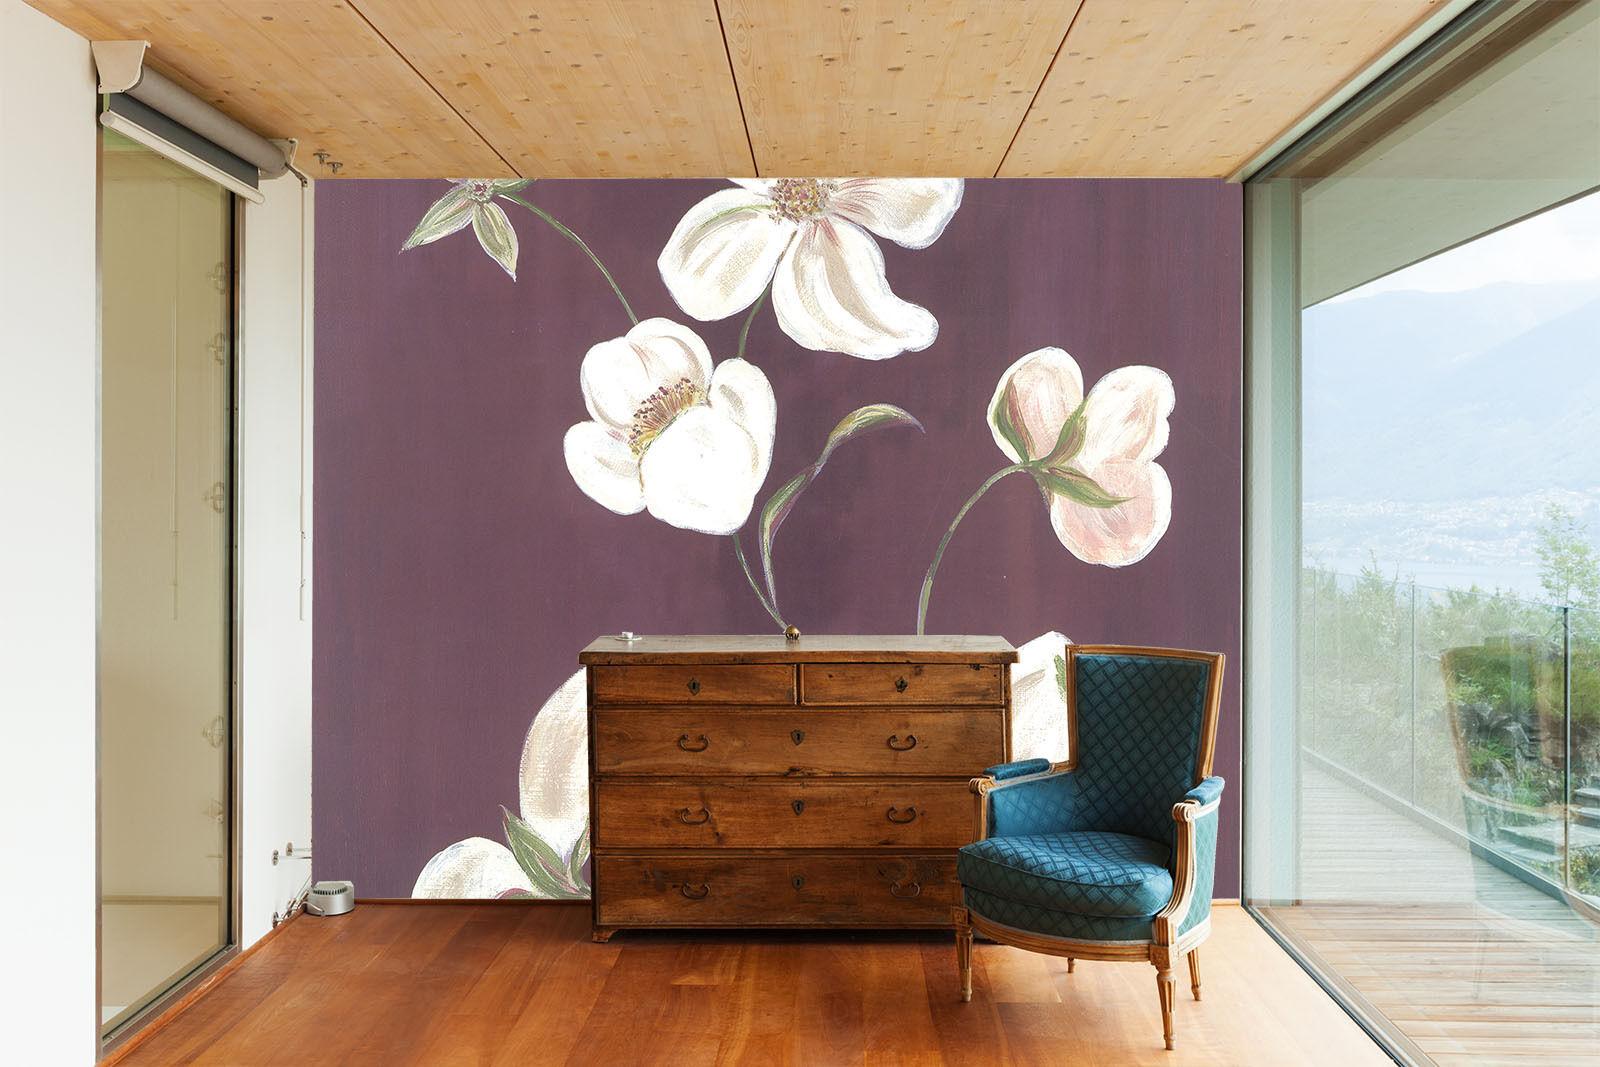 3D Die weißen blüten im Wind  Fototapeten Wandbild Fototapete BildTapete Familie